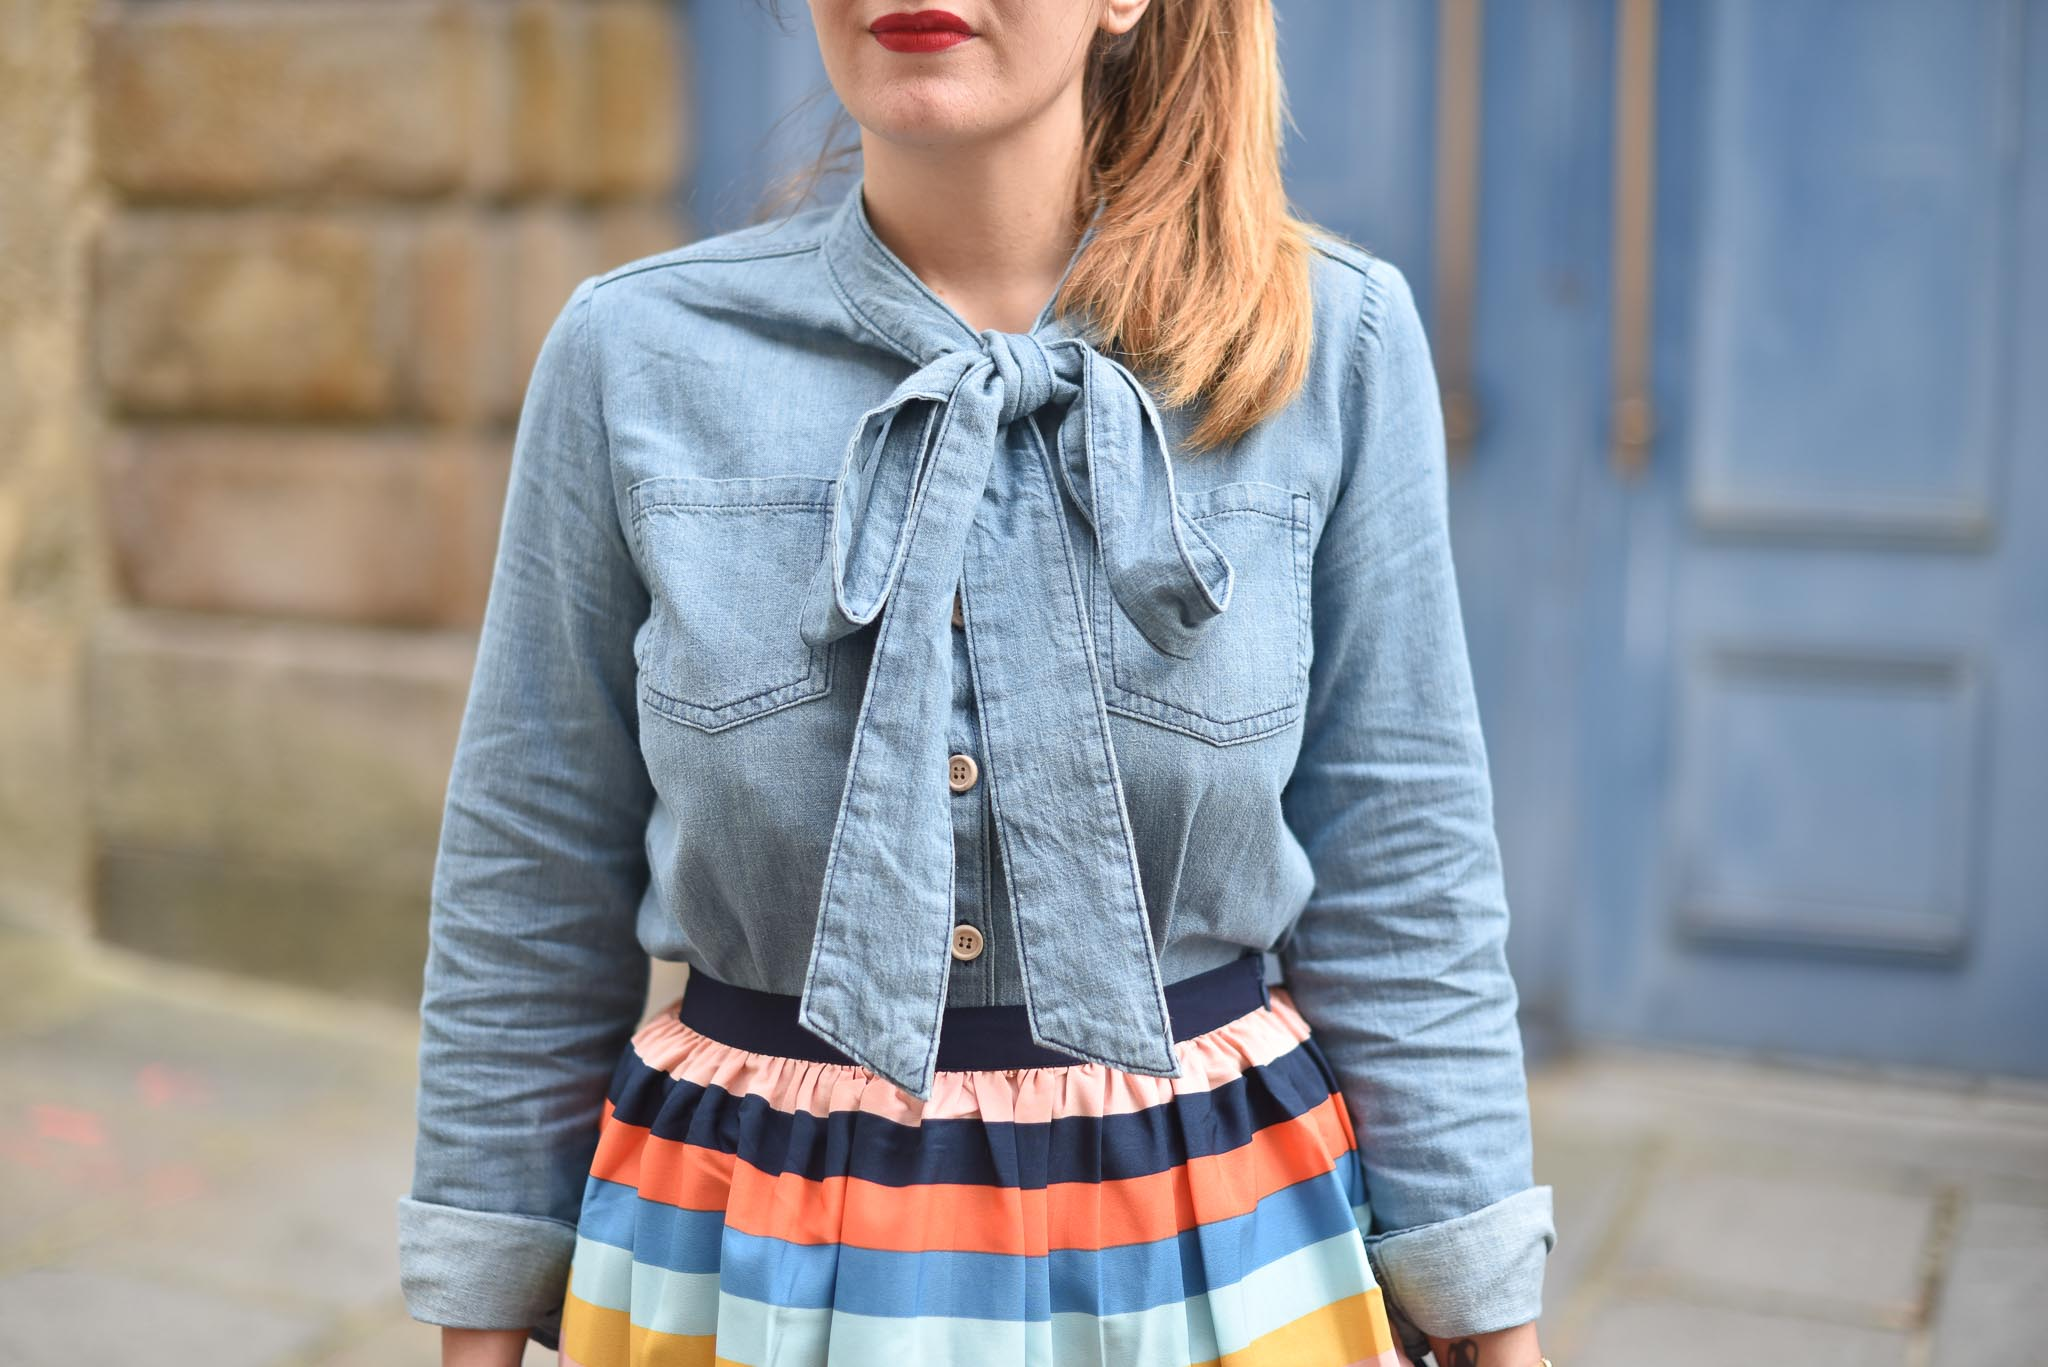 chemise en jean noeud joanie clothing